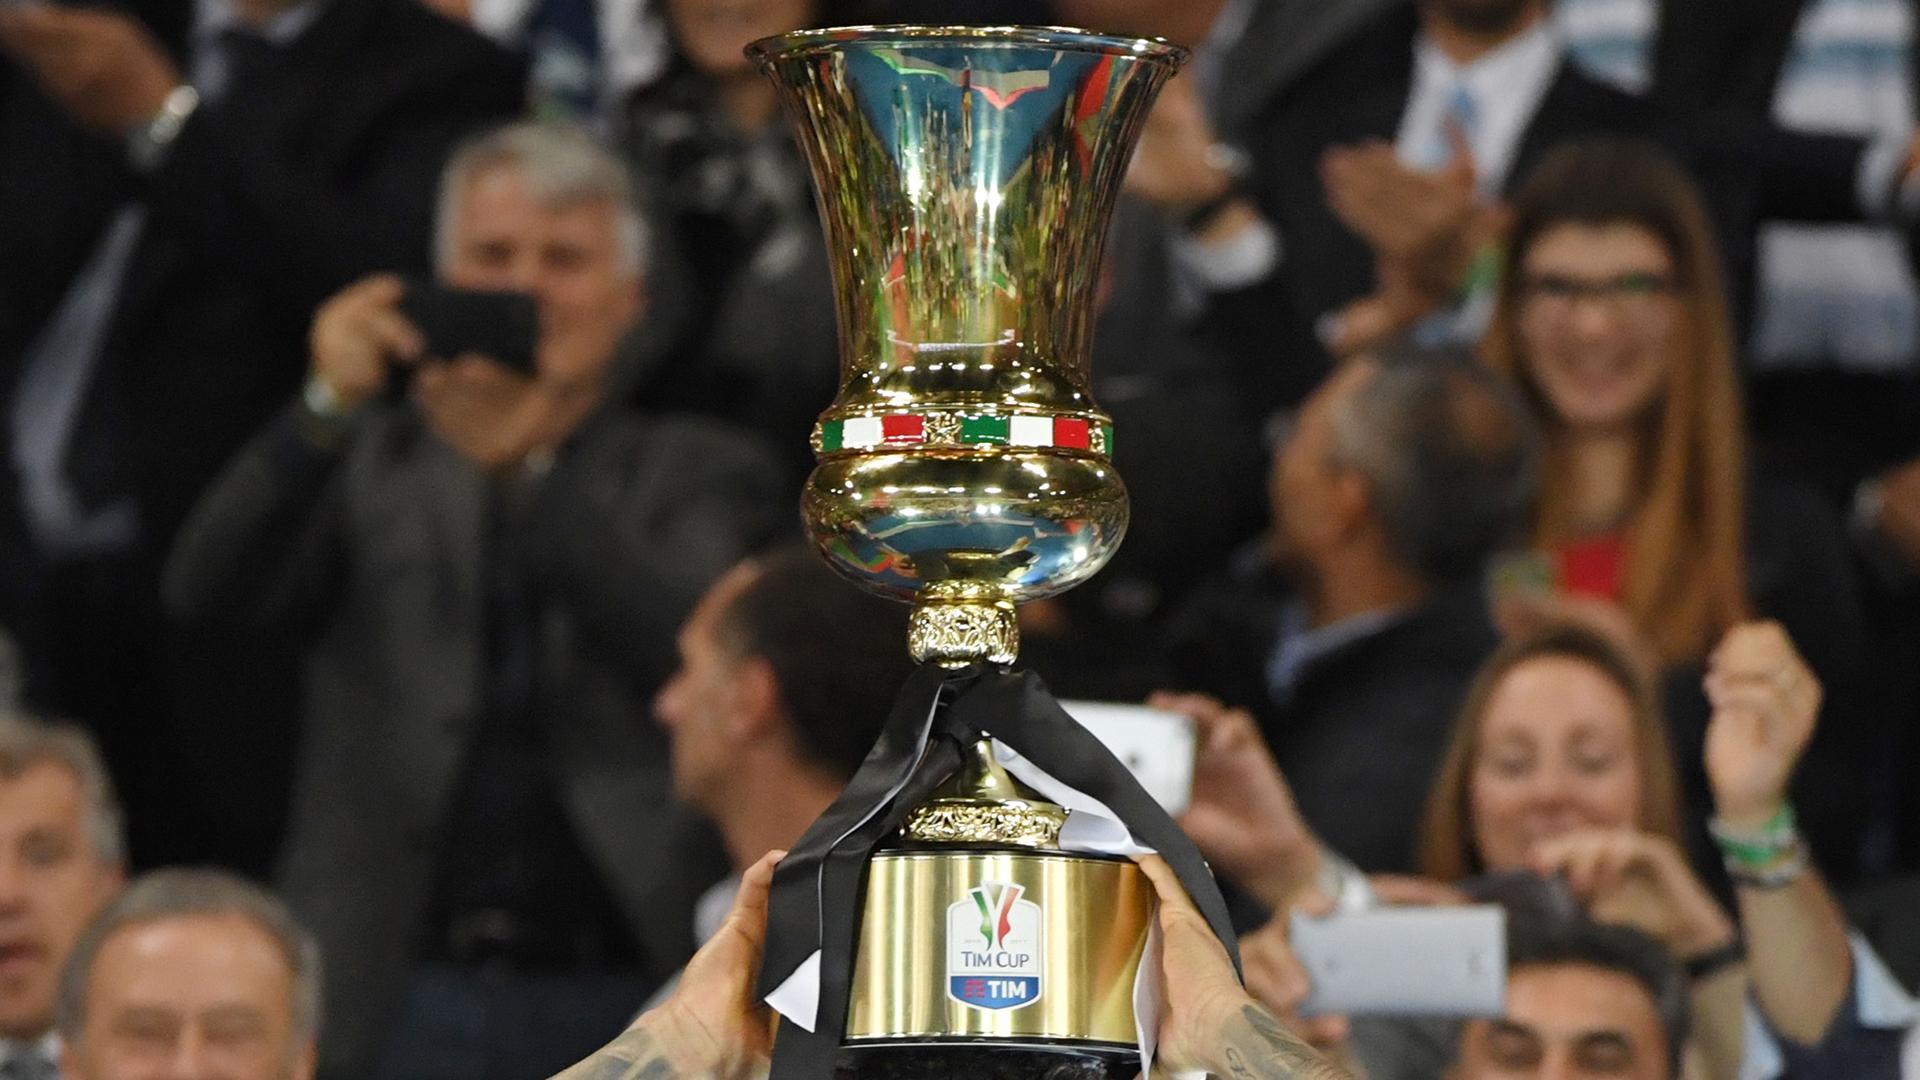 Coppa Italia 2021, tabellone, partite e calendario dei quarti